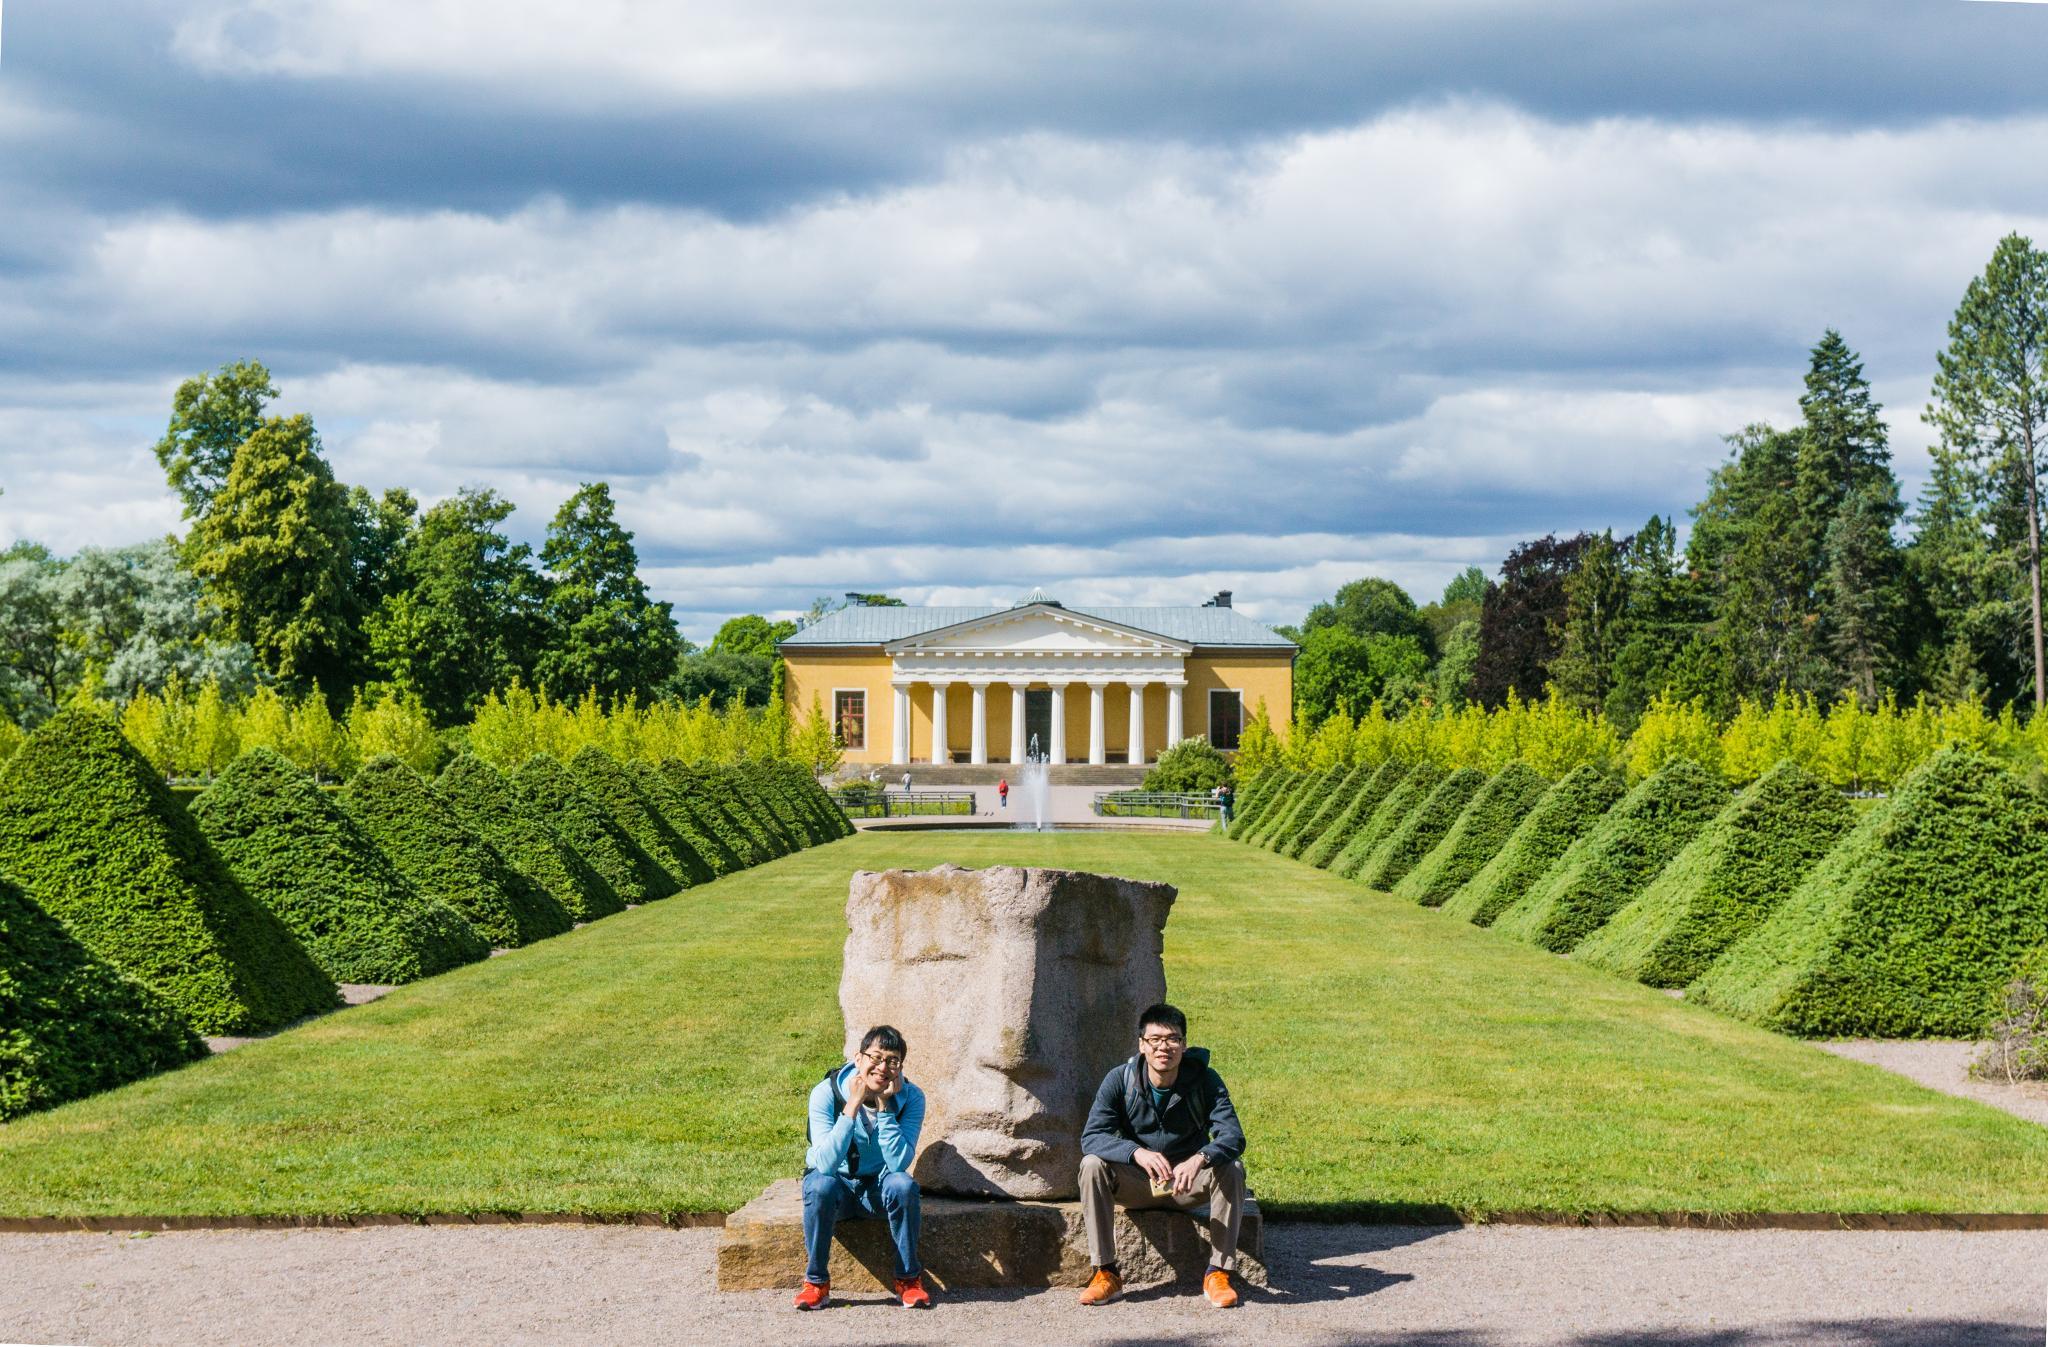 【北歐景點】瑞典的歷史縮影 — 老城烏普薩拉(Uppsala)的人文風景 16